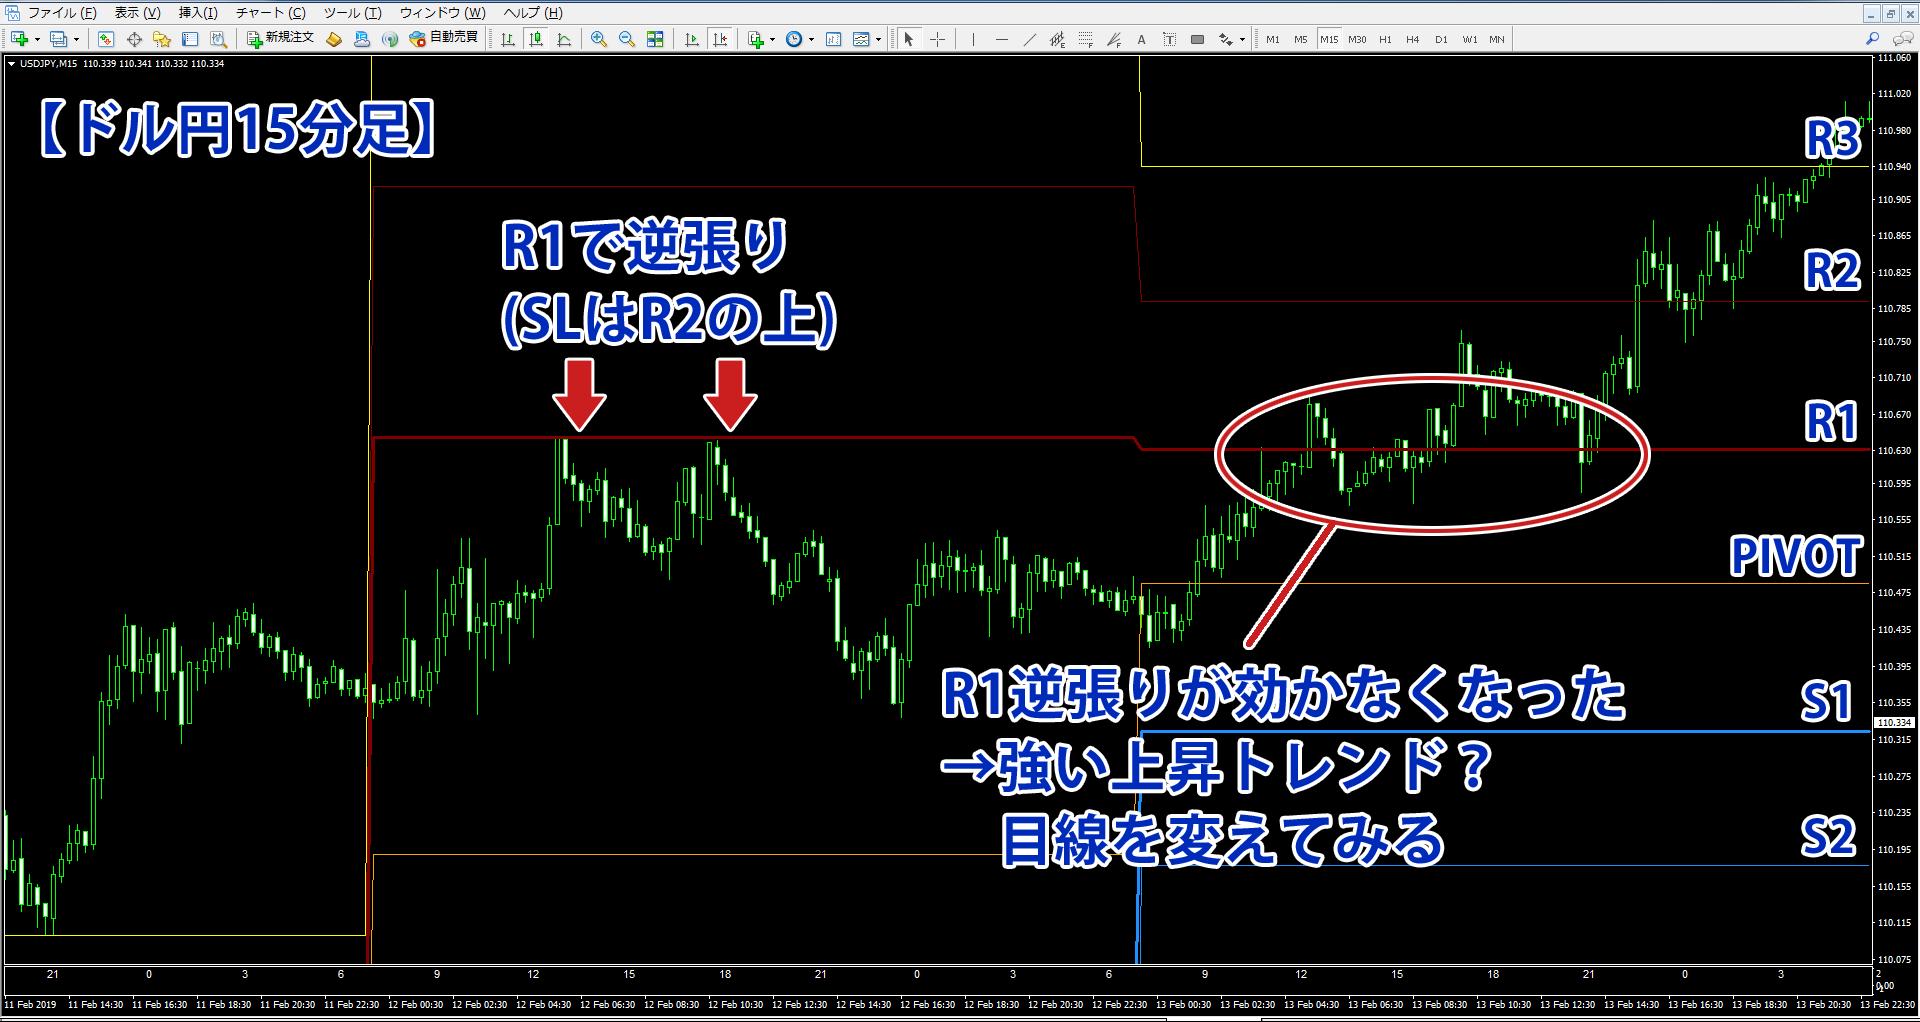 R1での逆張りが効かなくなったドル円15分足チャート